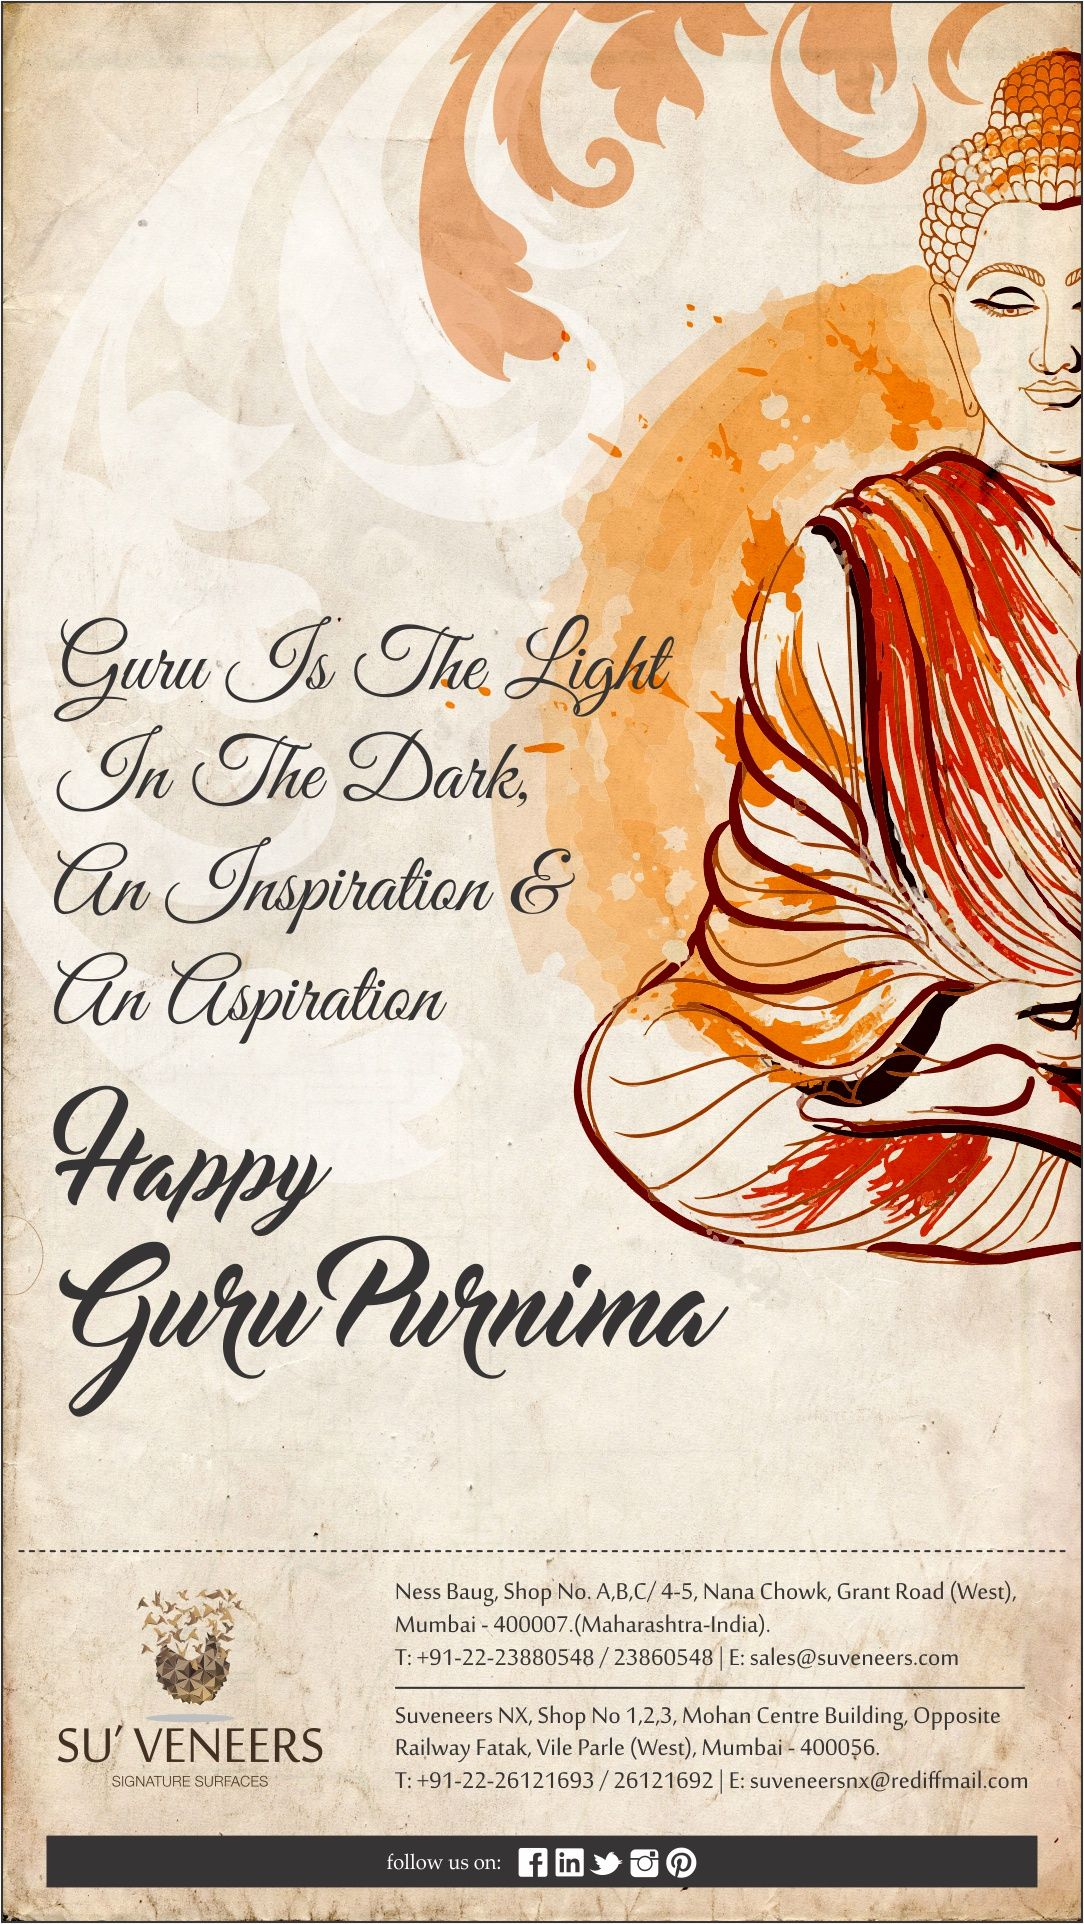 Happy Guru Purnima Happy Guru Purnima Images Happy Guru Purnima Guru Purnima Wishes [ 1924 x 1084 Pixel ]